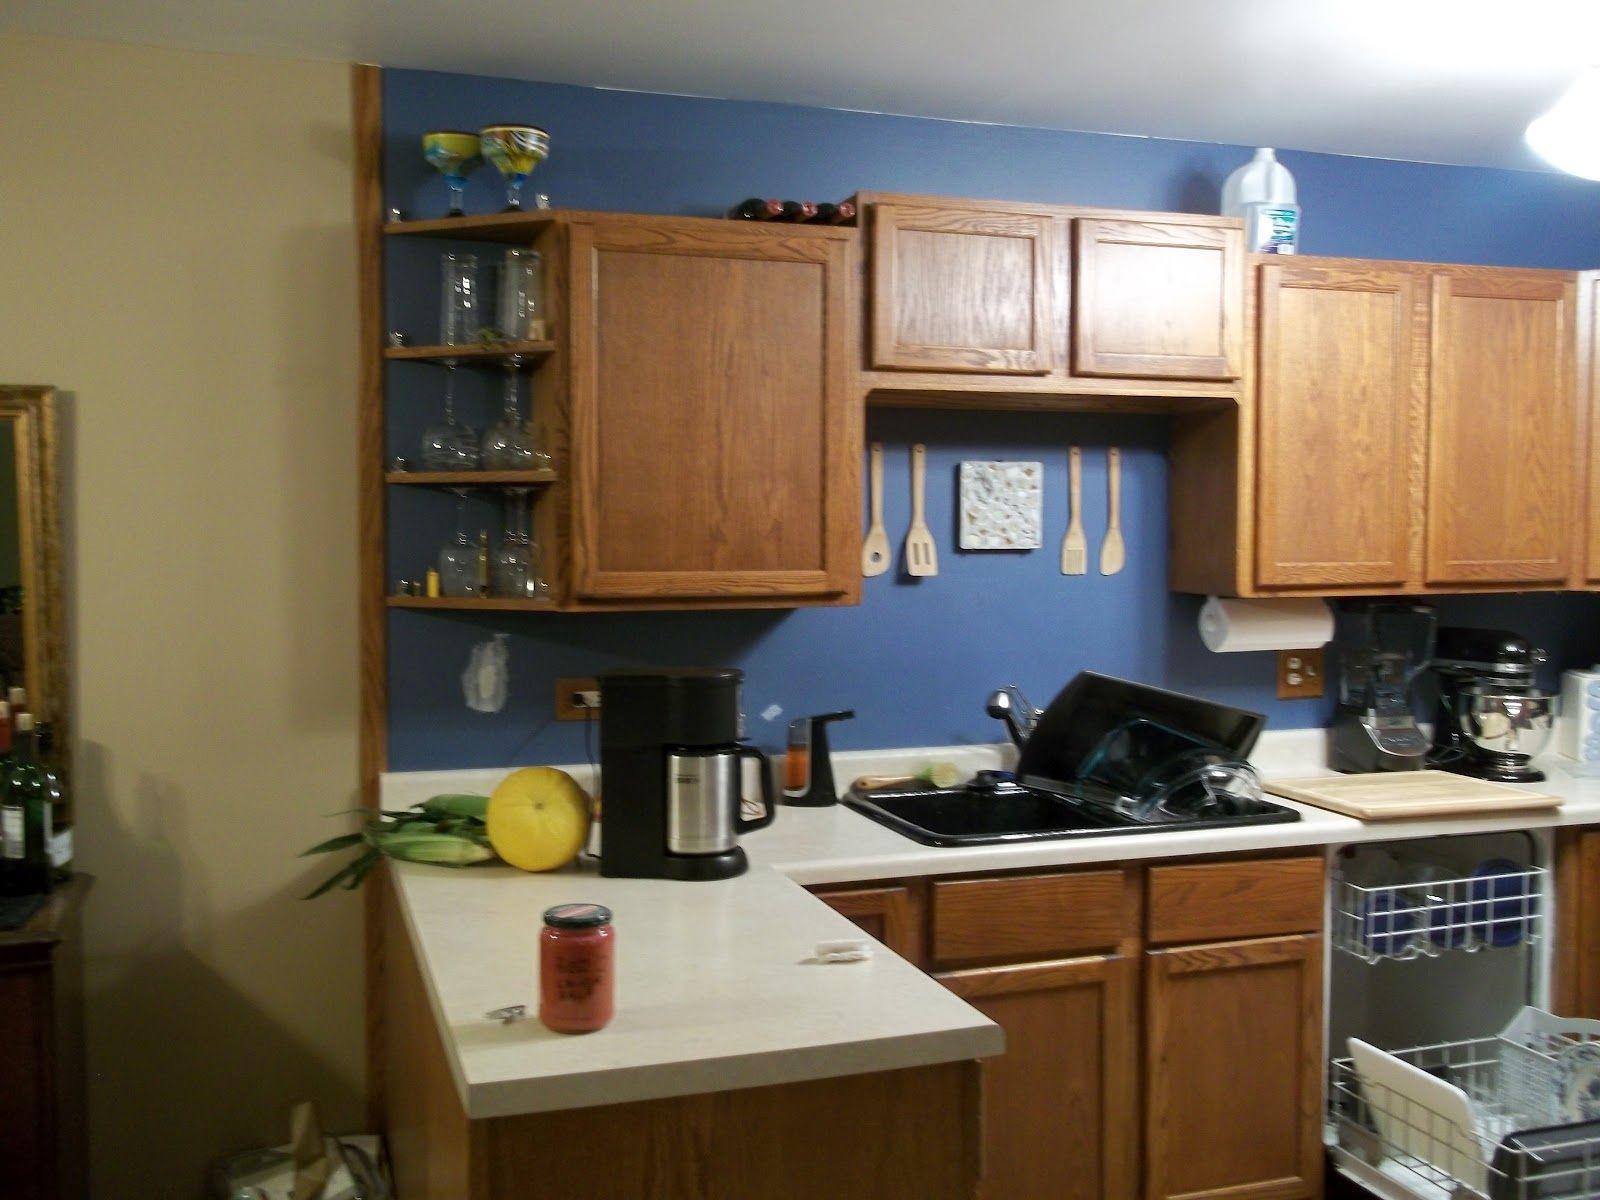 Light Blue Kitchen Walls Ideas 5908 Baytownkitchen Blue Kitchen Walls Brown Kitchen Cabinets Kitchen Design Decor